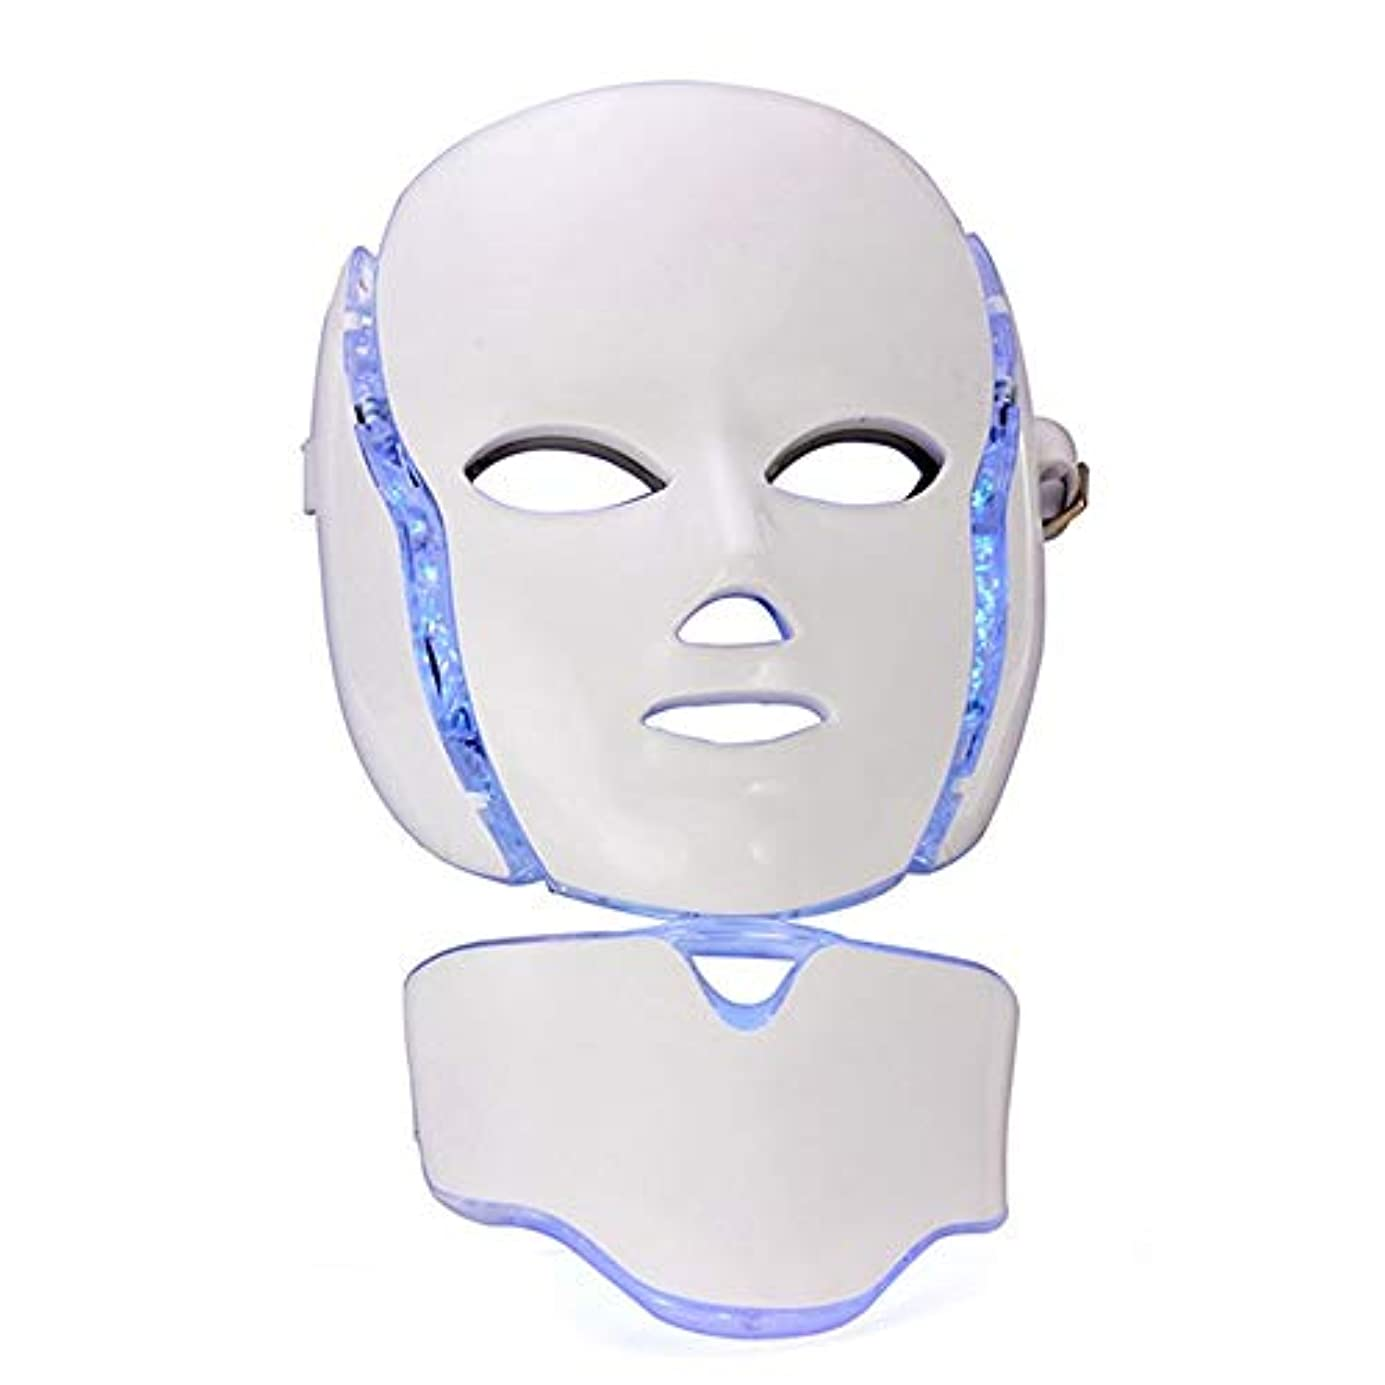 シュリンク株式会社貢献ライトセラピーマスクは、ライトセラピーは首にきび治療7色フォトンフェイスマスクマシンはホワイトニングと肌の若返りライトセラピーにきびマスクディープリペアアンチエイジングマスク (Color : White)